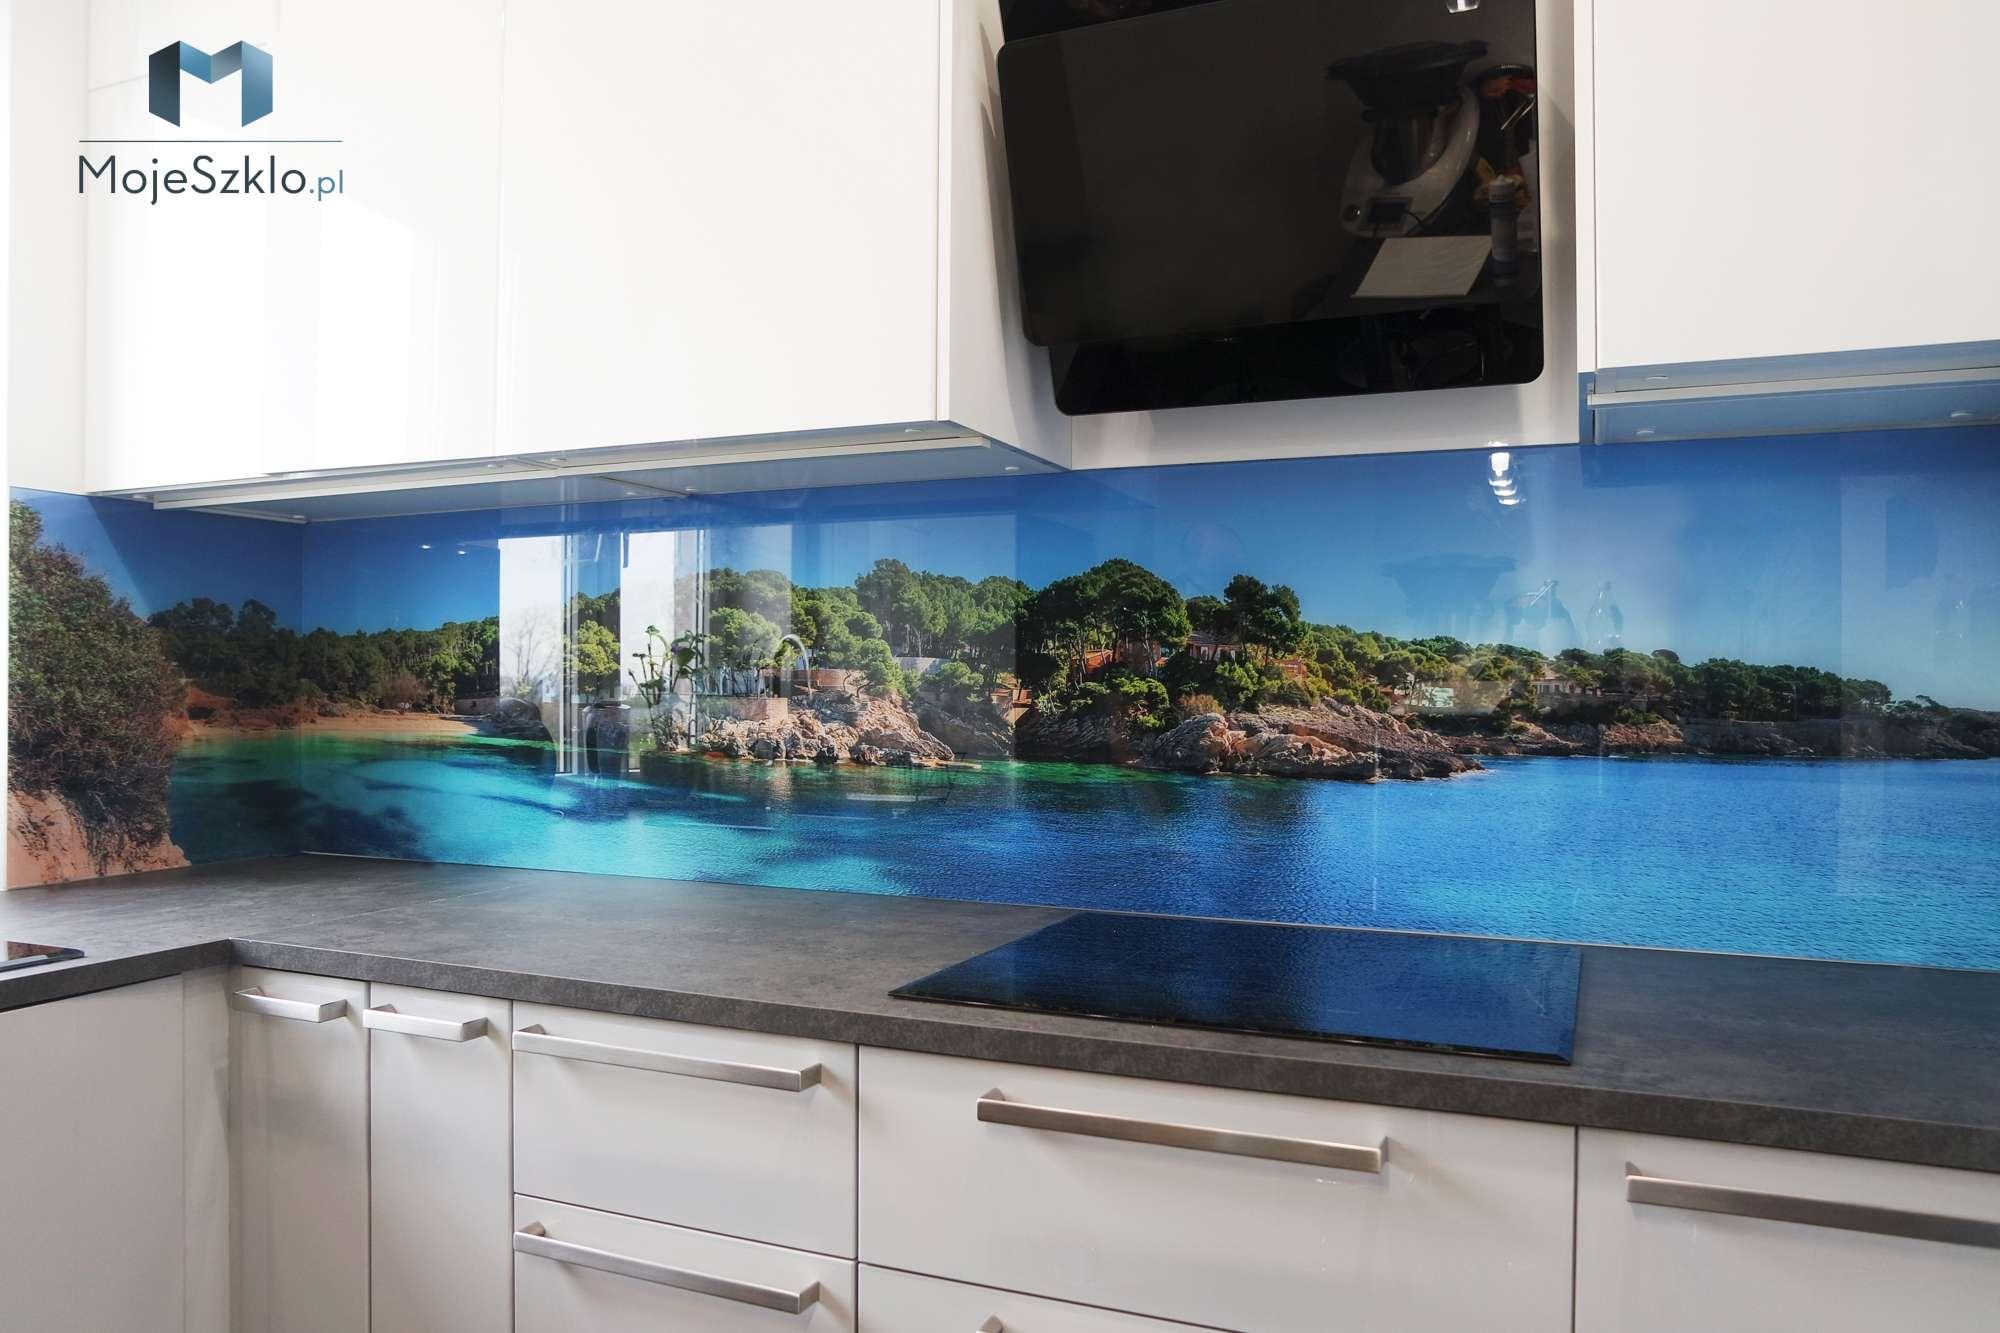 Panel Szklany Kuchnia Wybrzeze - Szyba do kuchni z motywem kwiatów